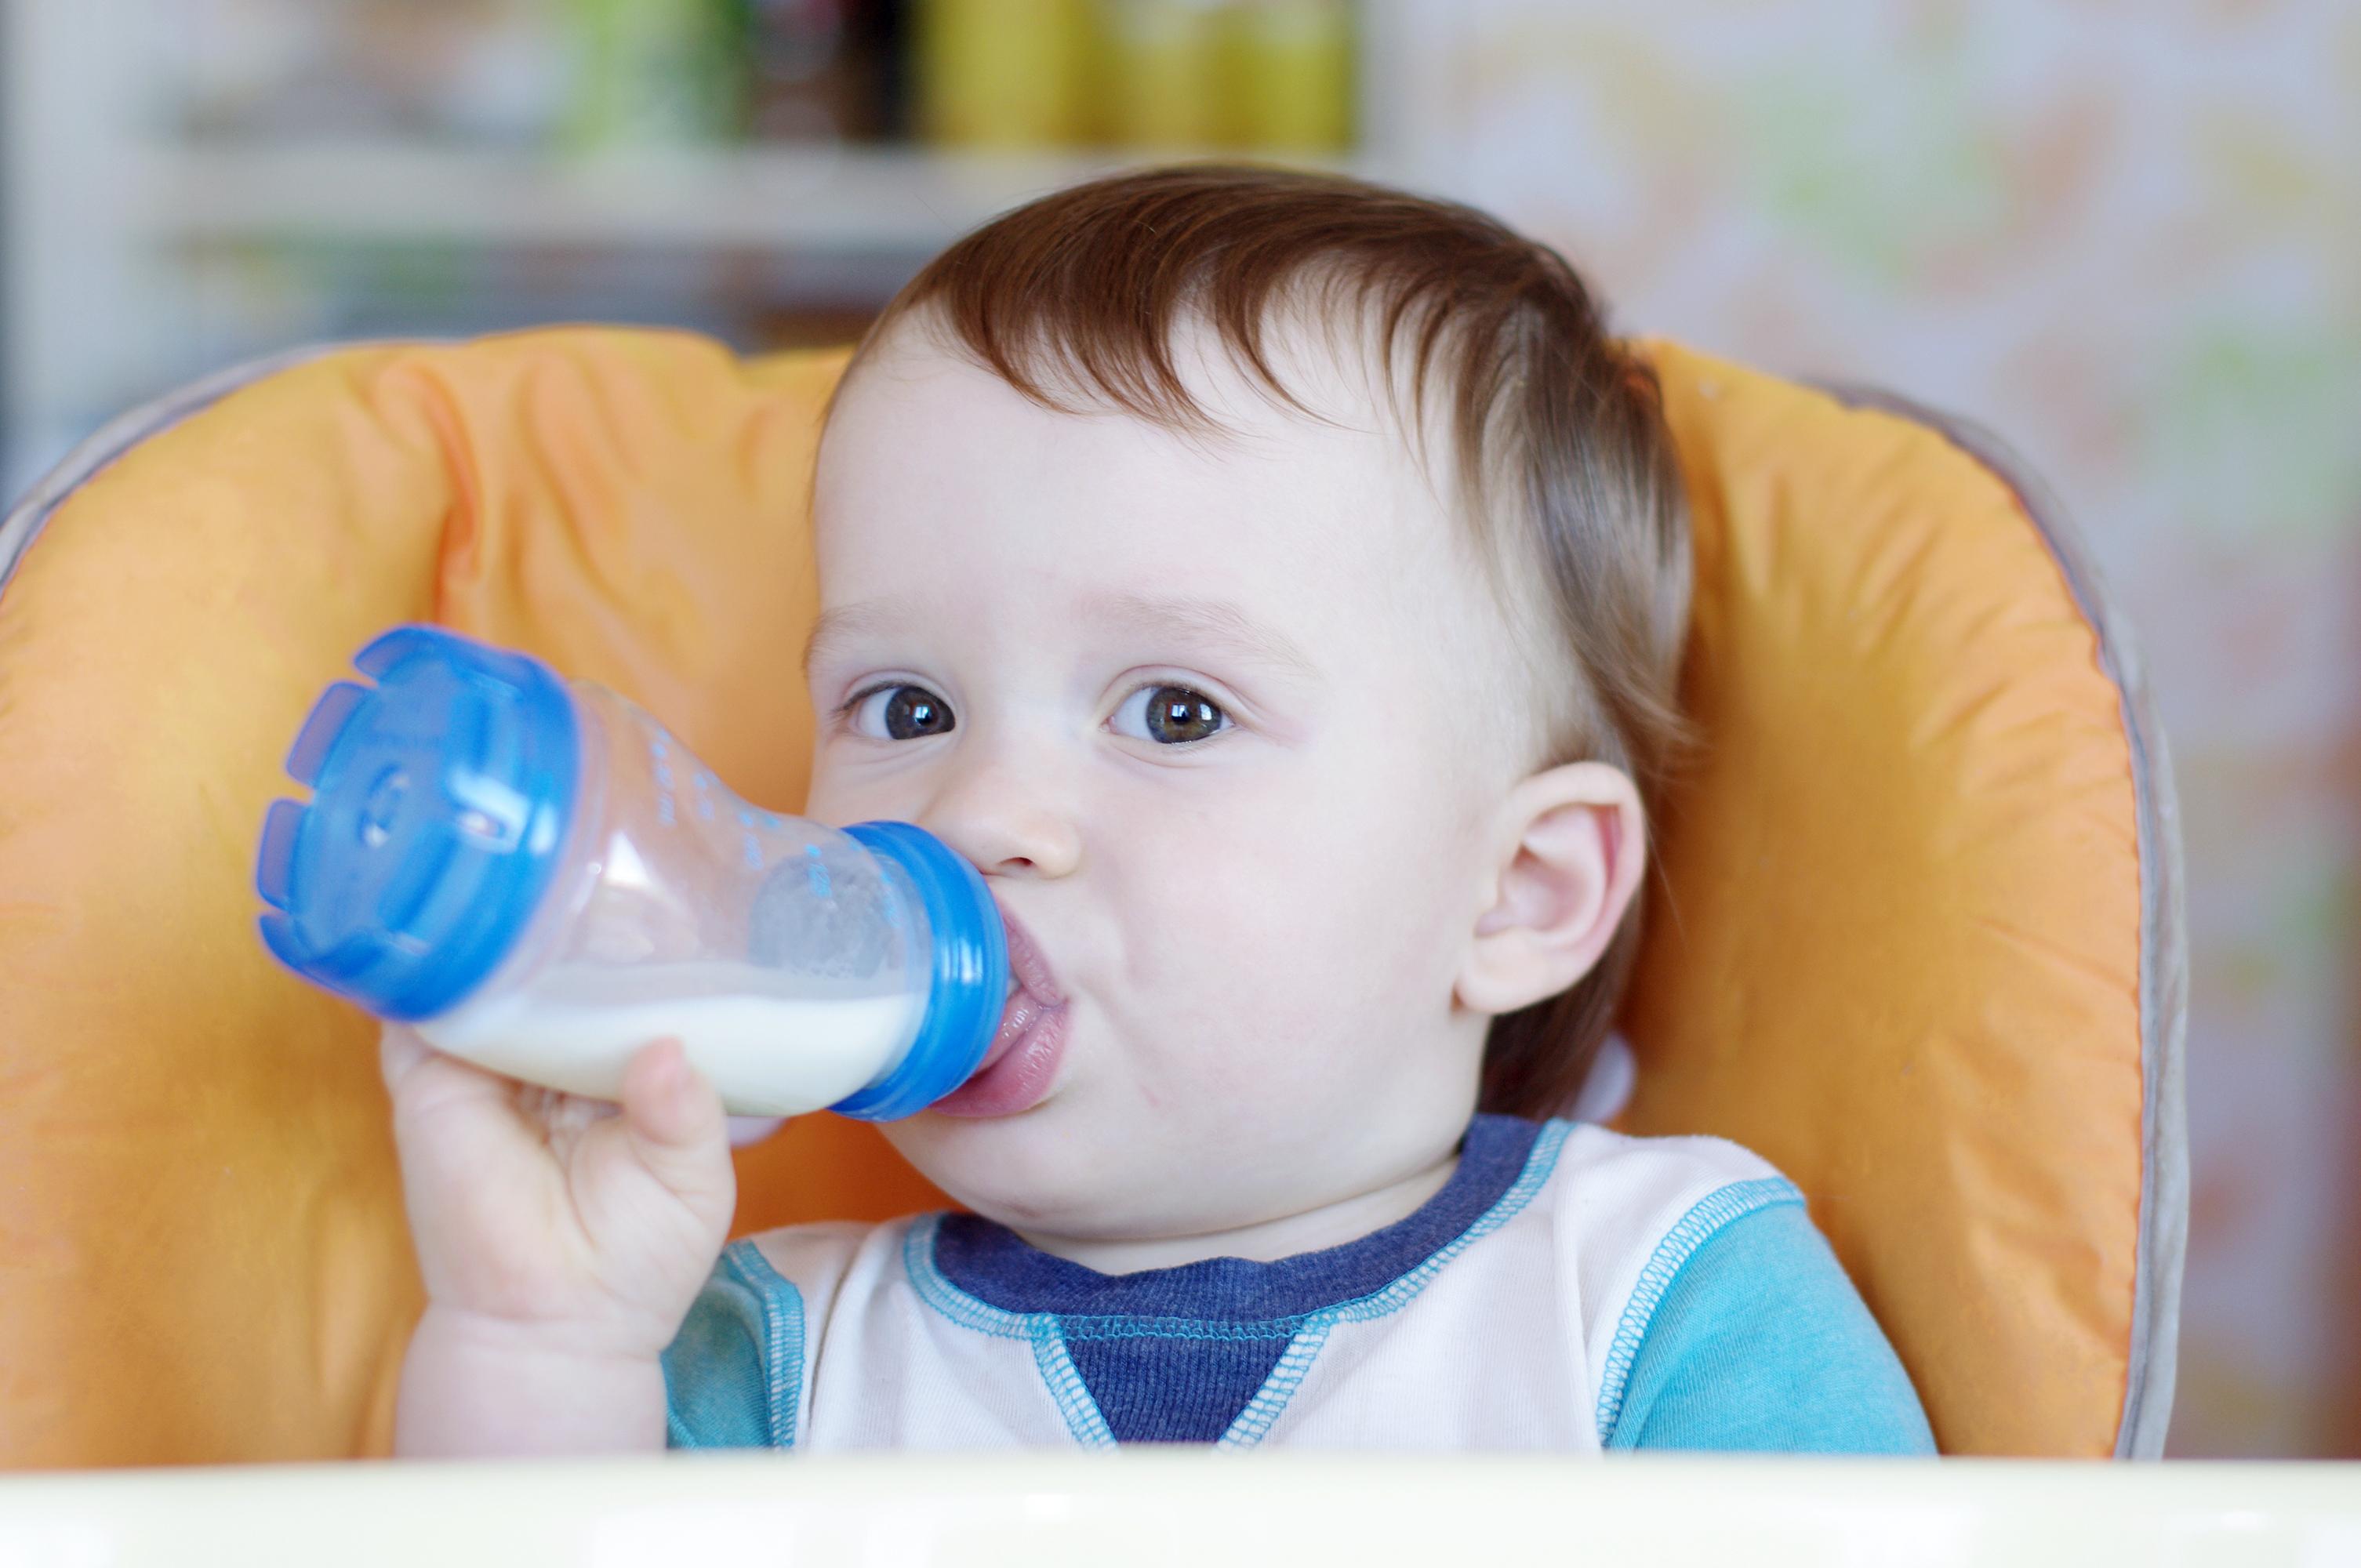 Risken för övervikt eller fetma visade sig vara i det närmaste fördubblad om barnen druckit välling vid tolv månaders ålder.